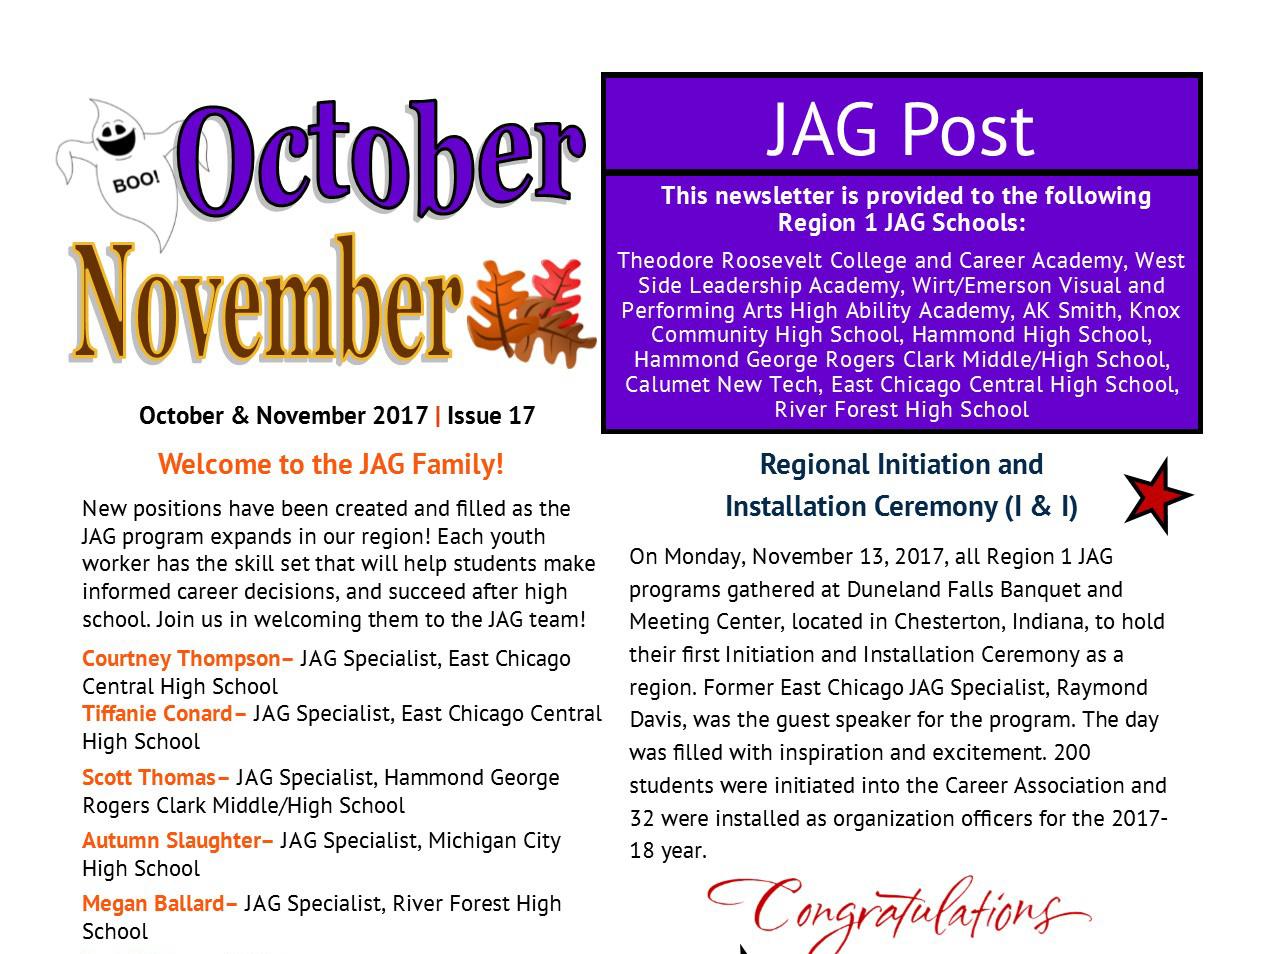 JAG Post Issue 17-October/November 2017